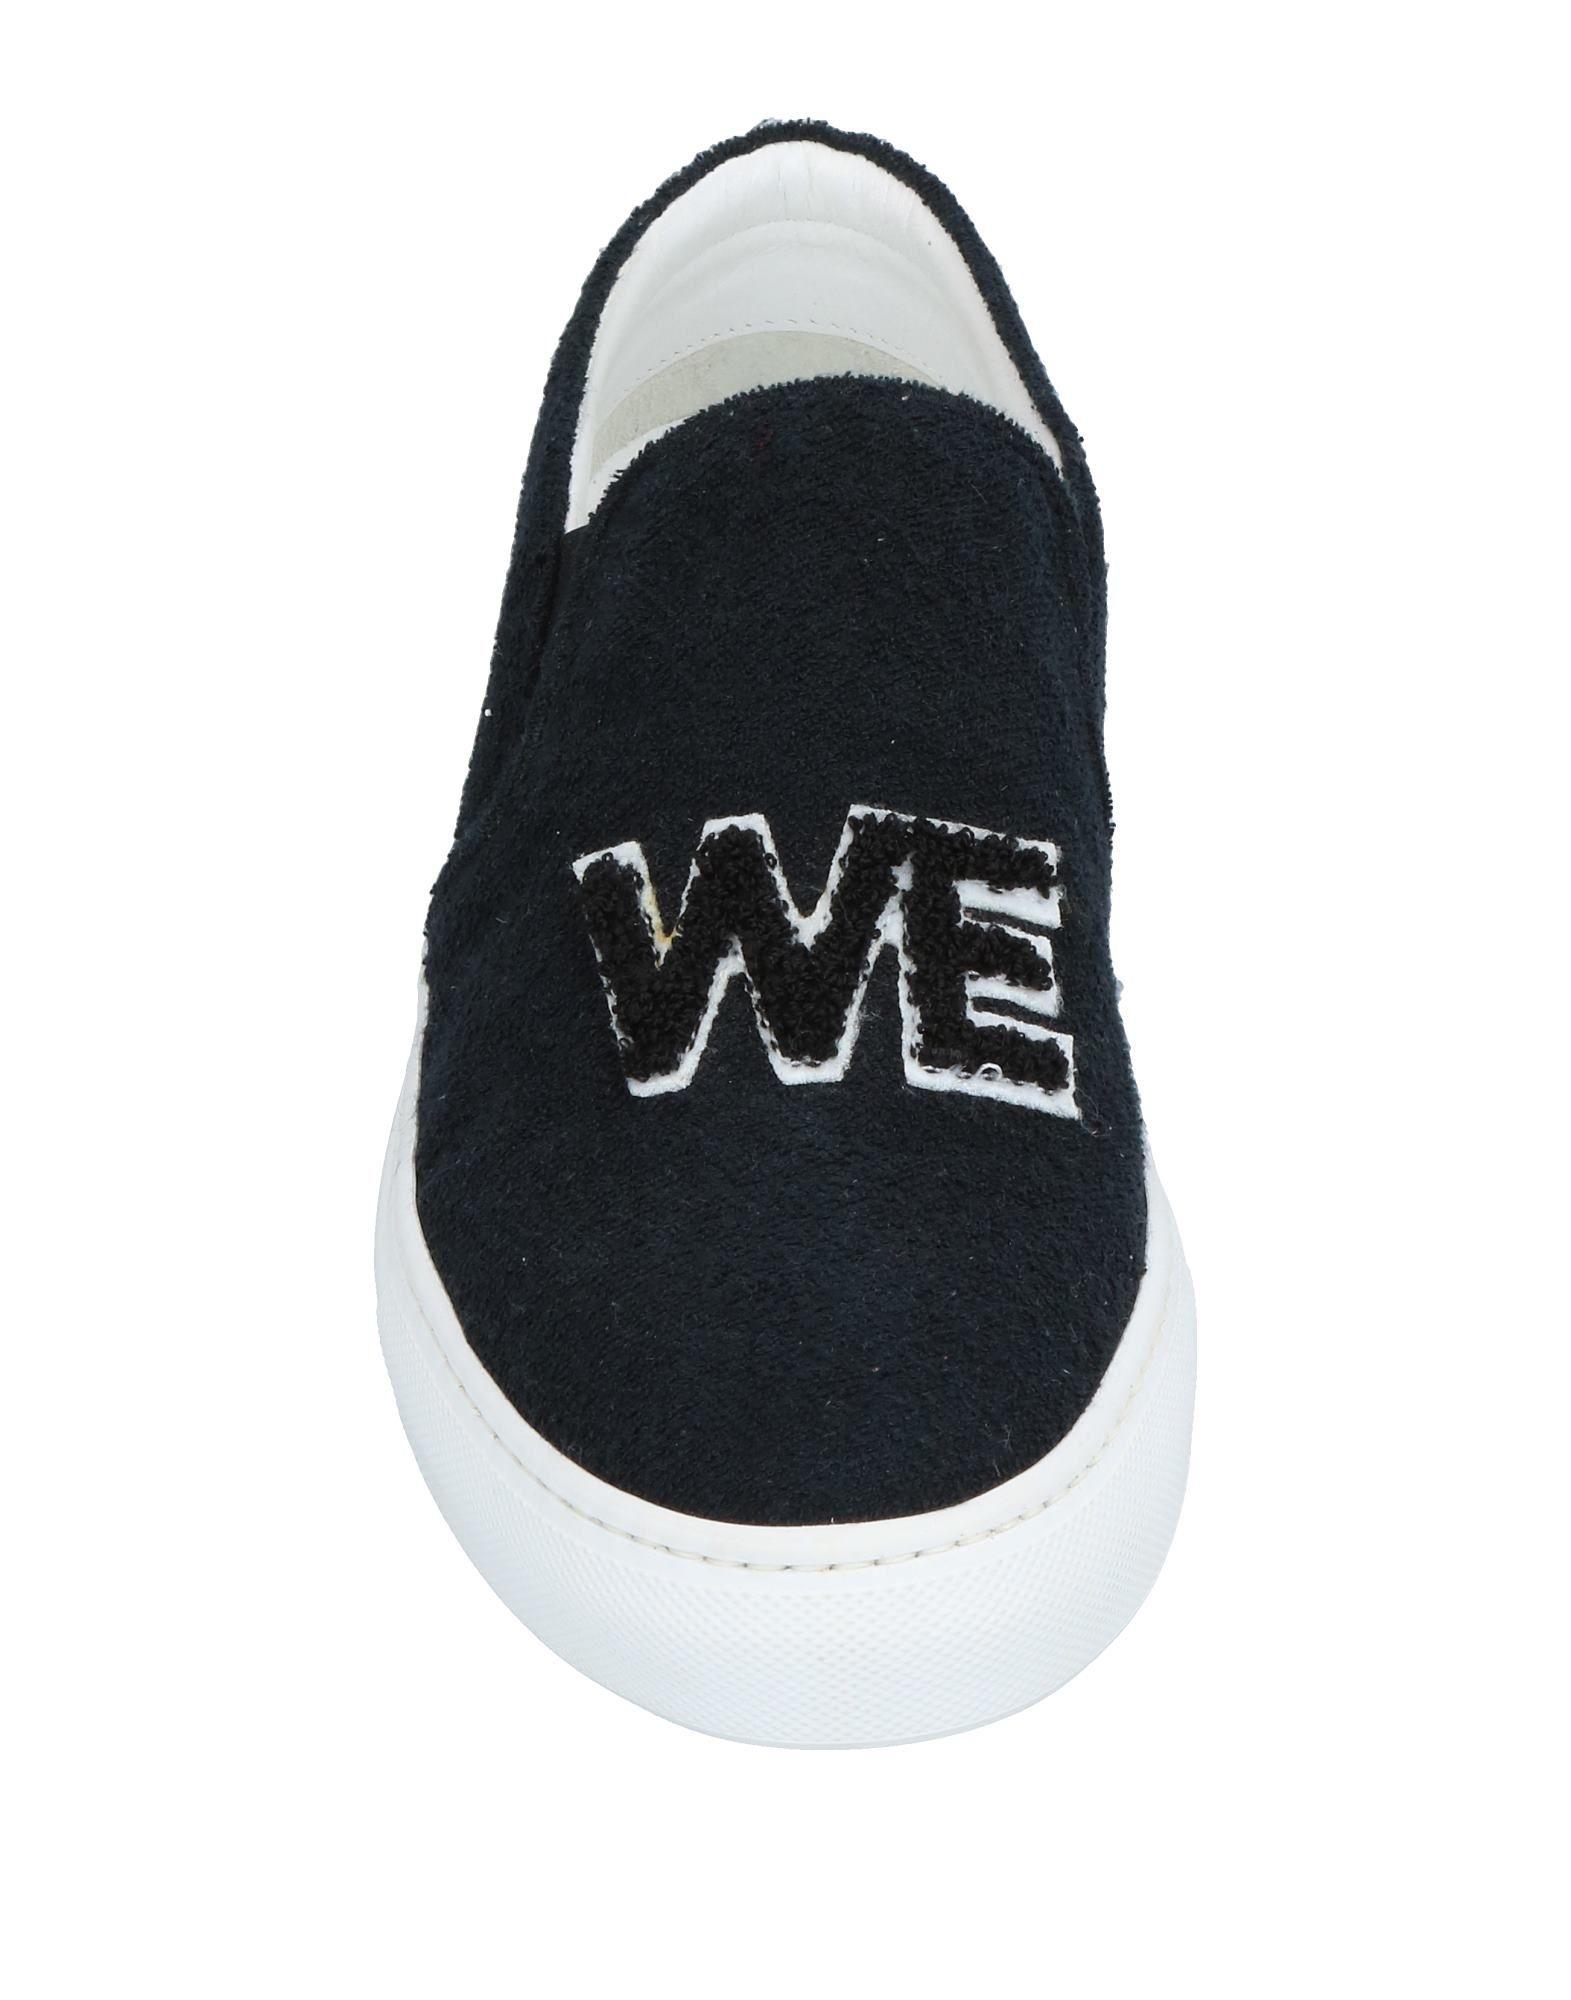 Rabatt echte Schuhe Joshua*S Sneakers Herren  11380045VG